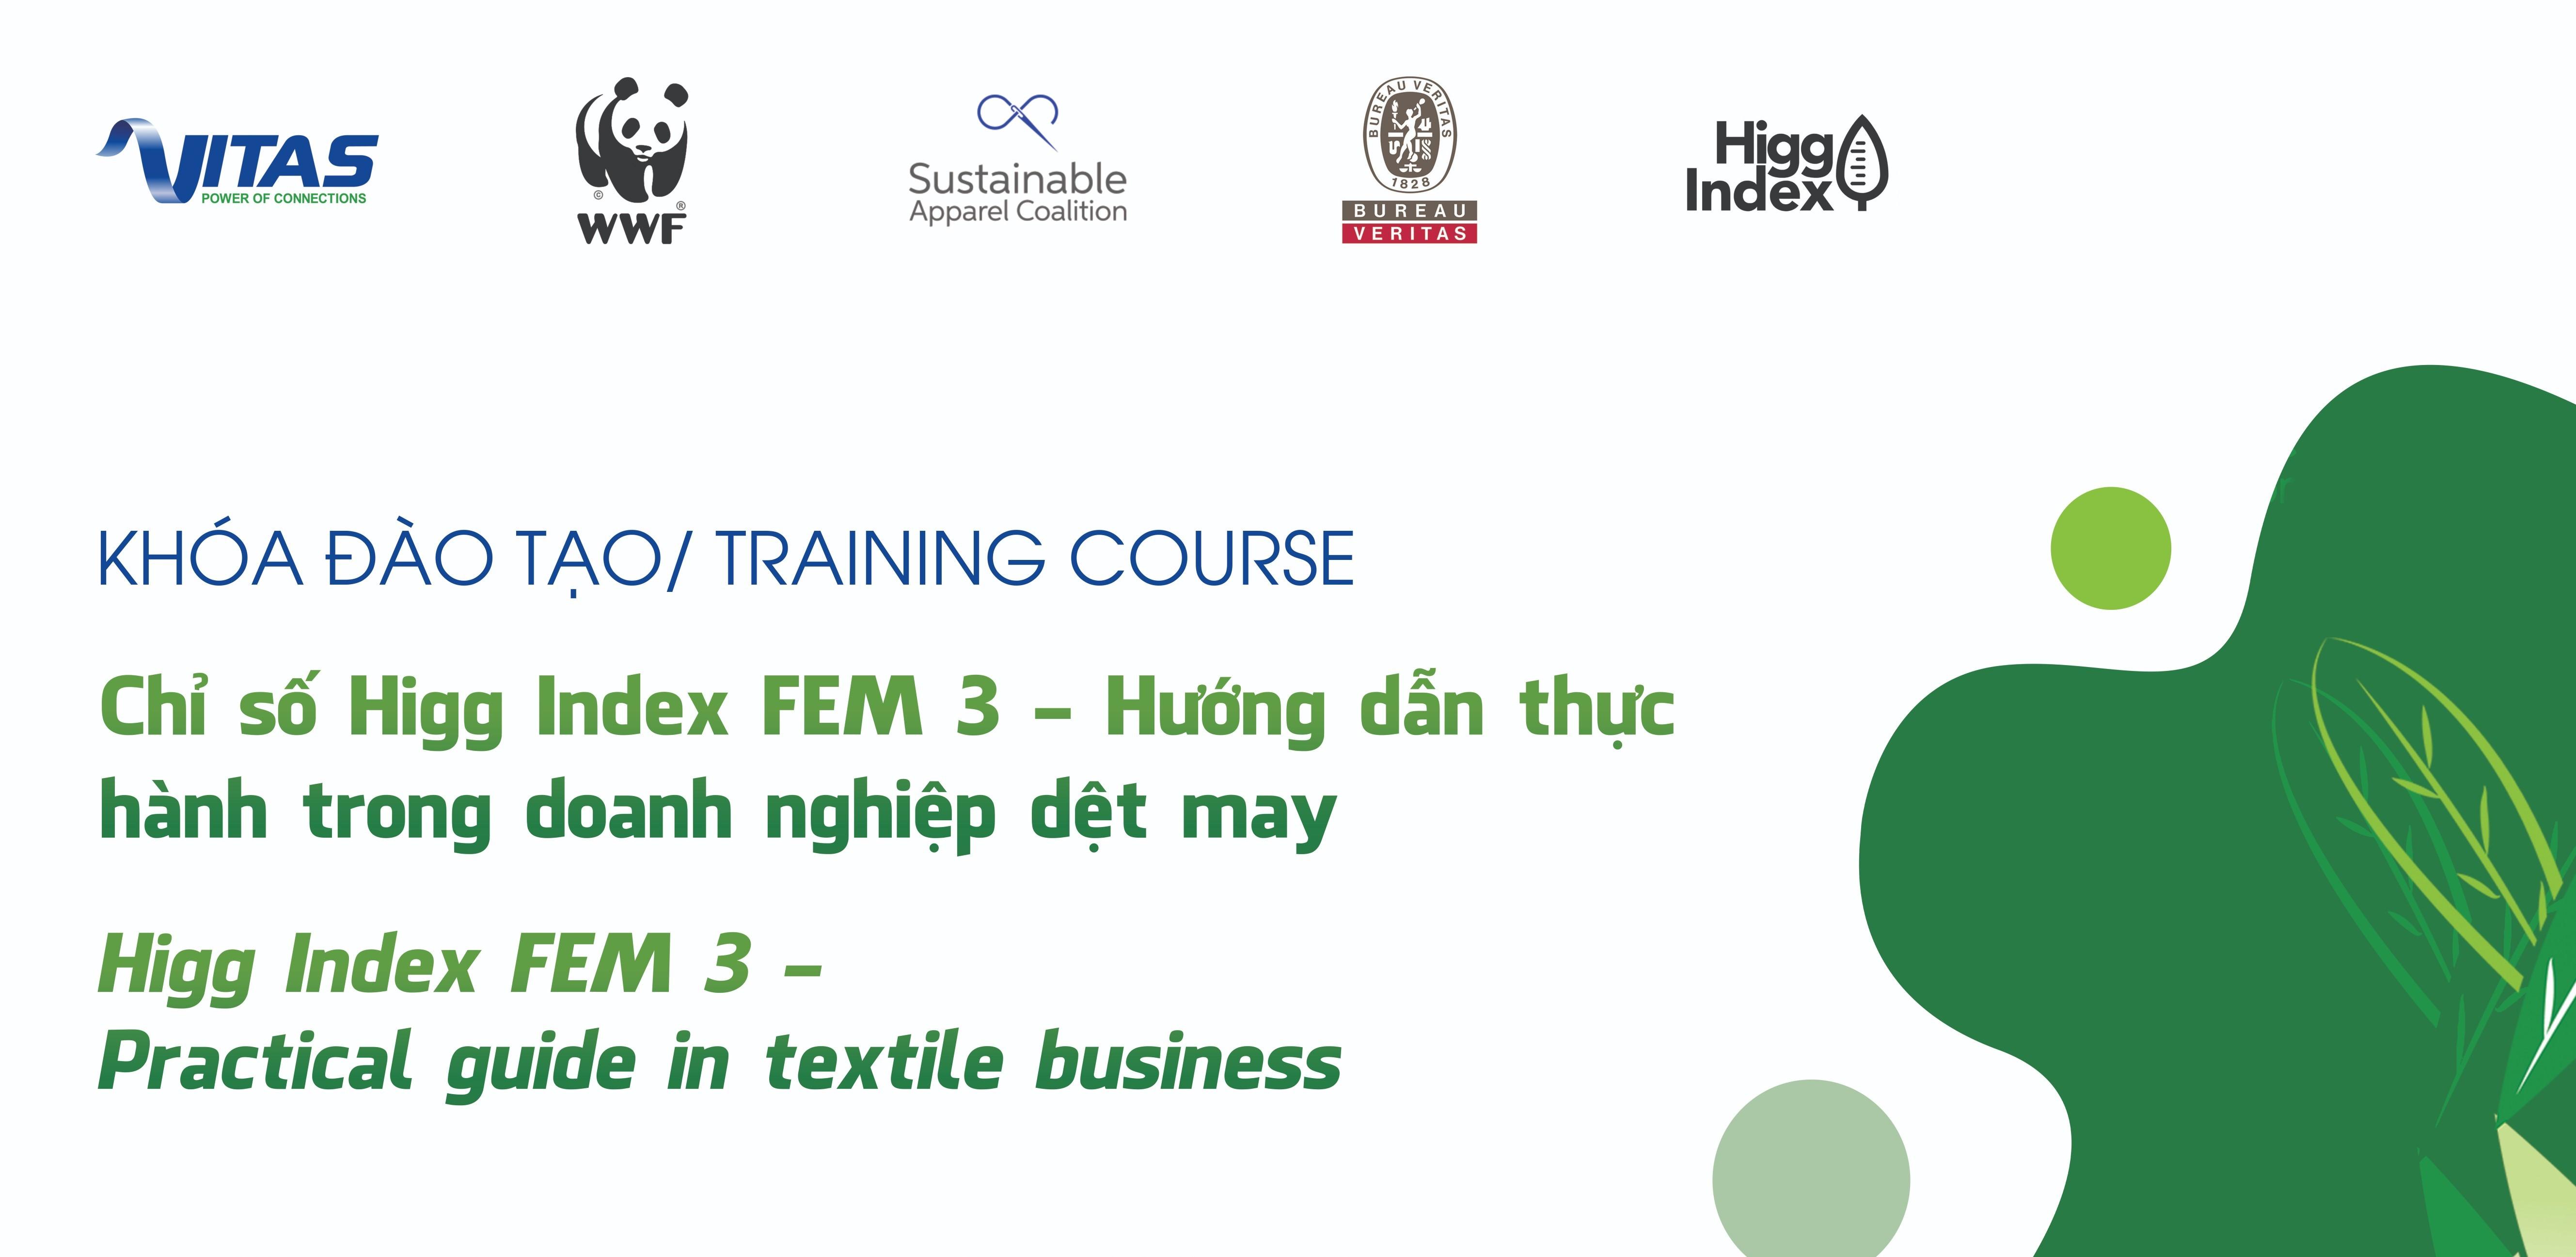 """Thư mời tham dự khóa đào tạo """"Chỉ số Higg Index FEM 3 – Hướng dẫn thực hành trong doanh nghiệp dệt may"""""""